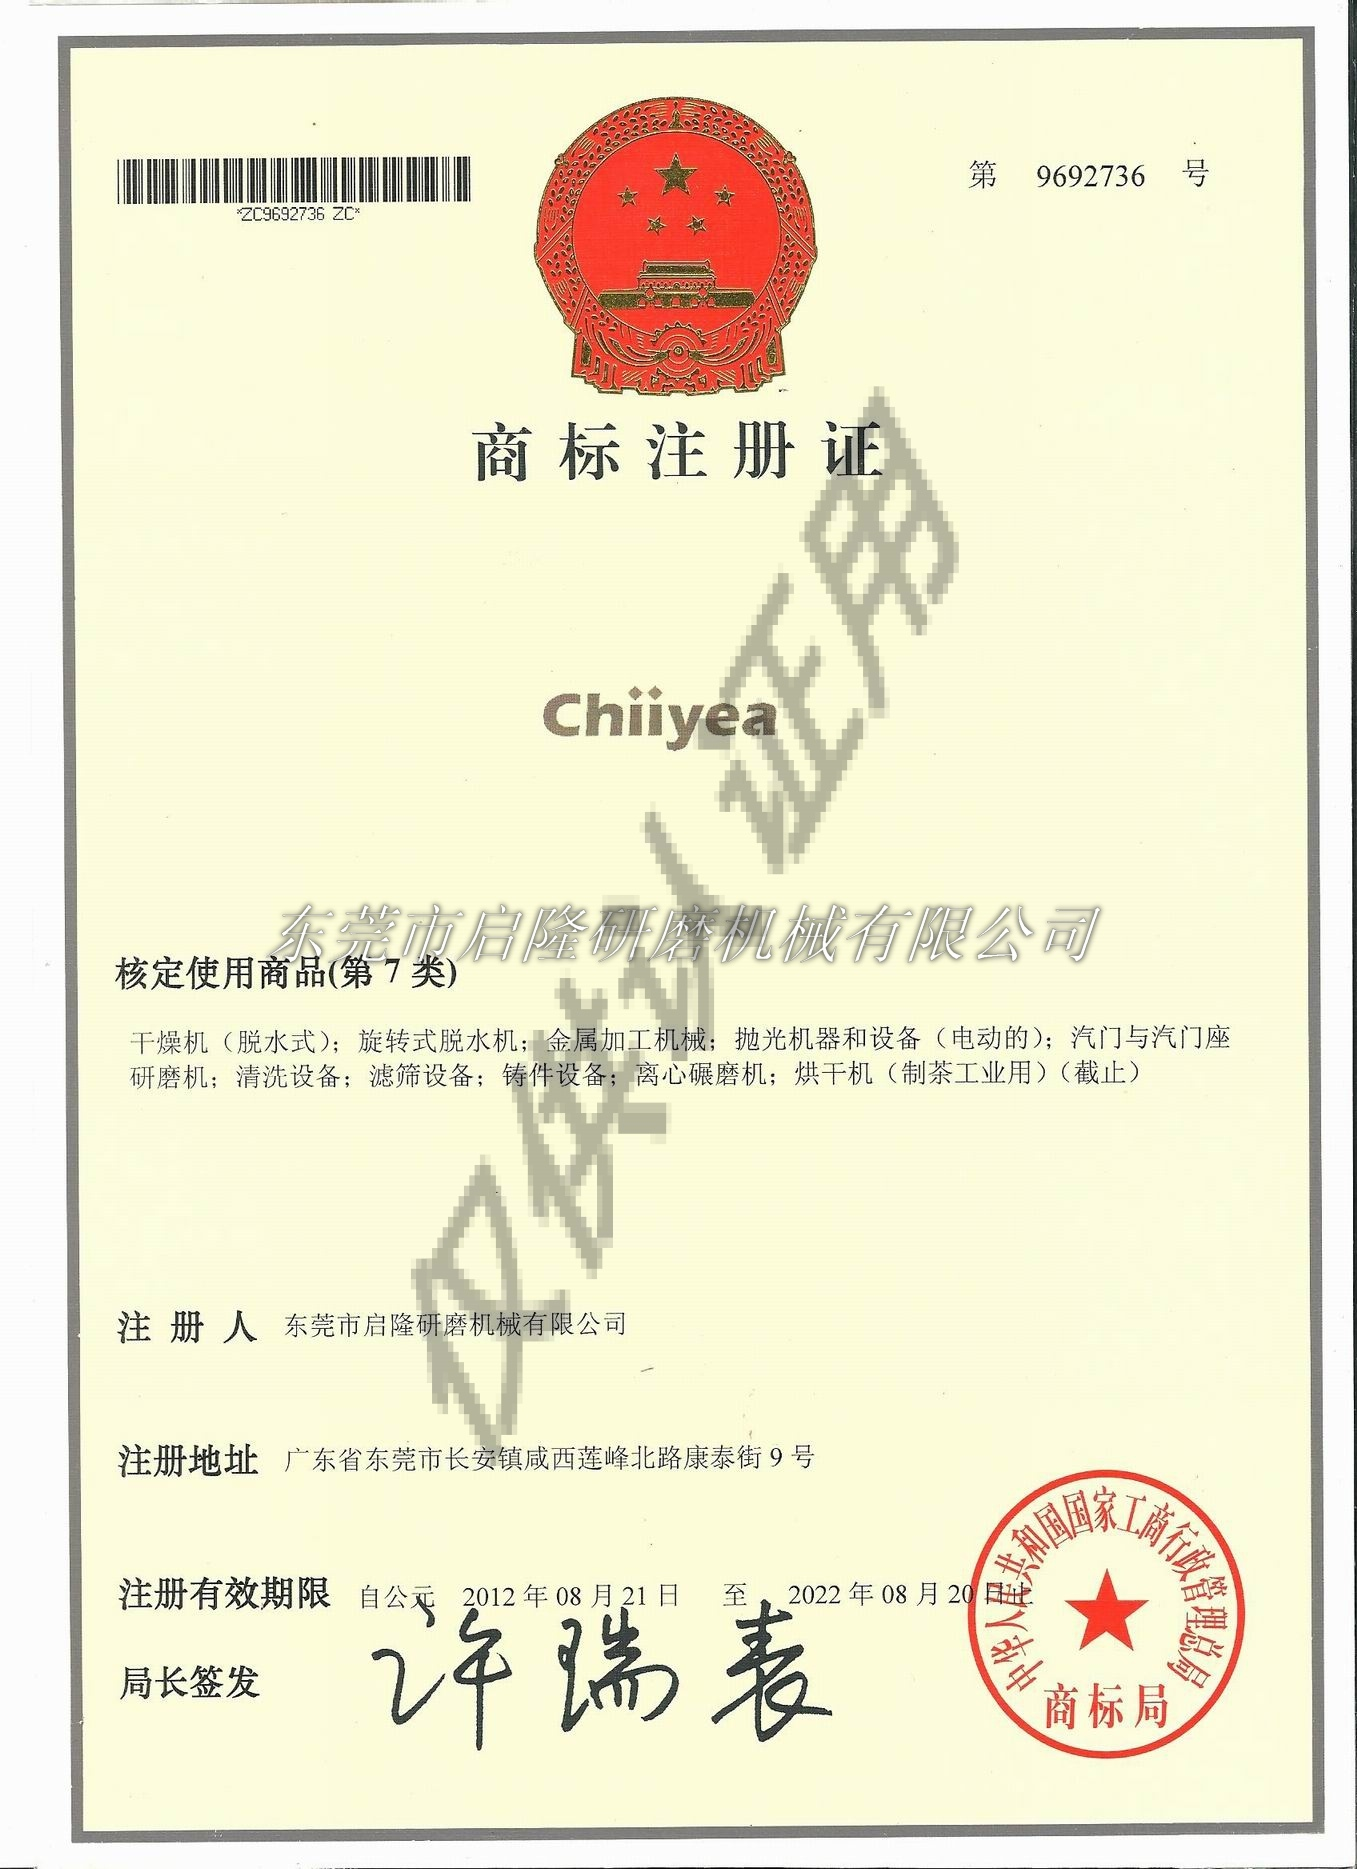 商标注册书